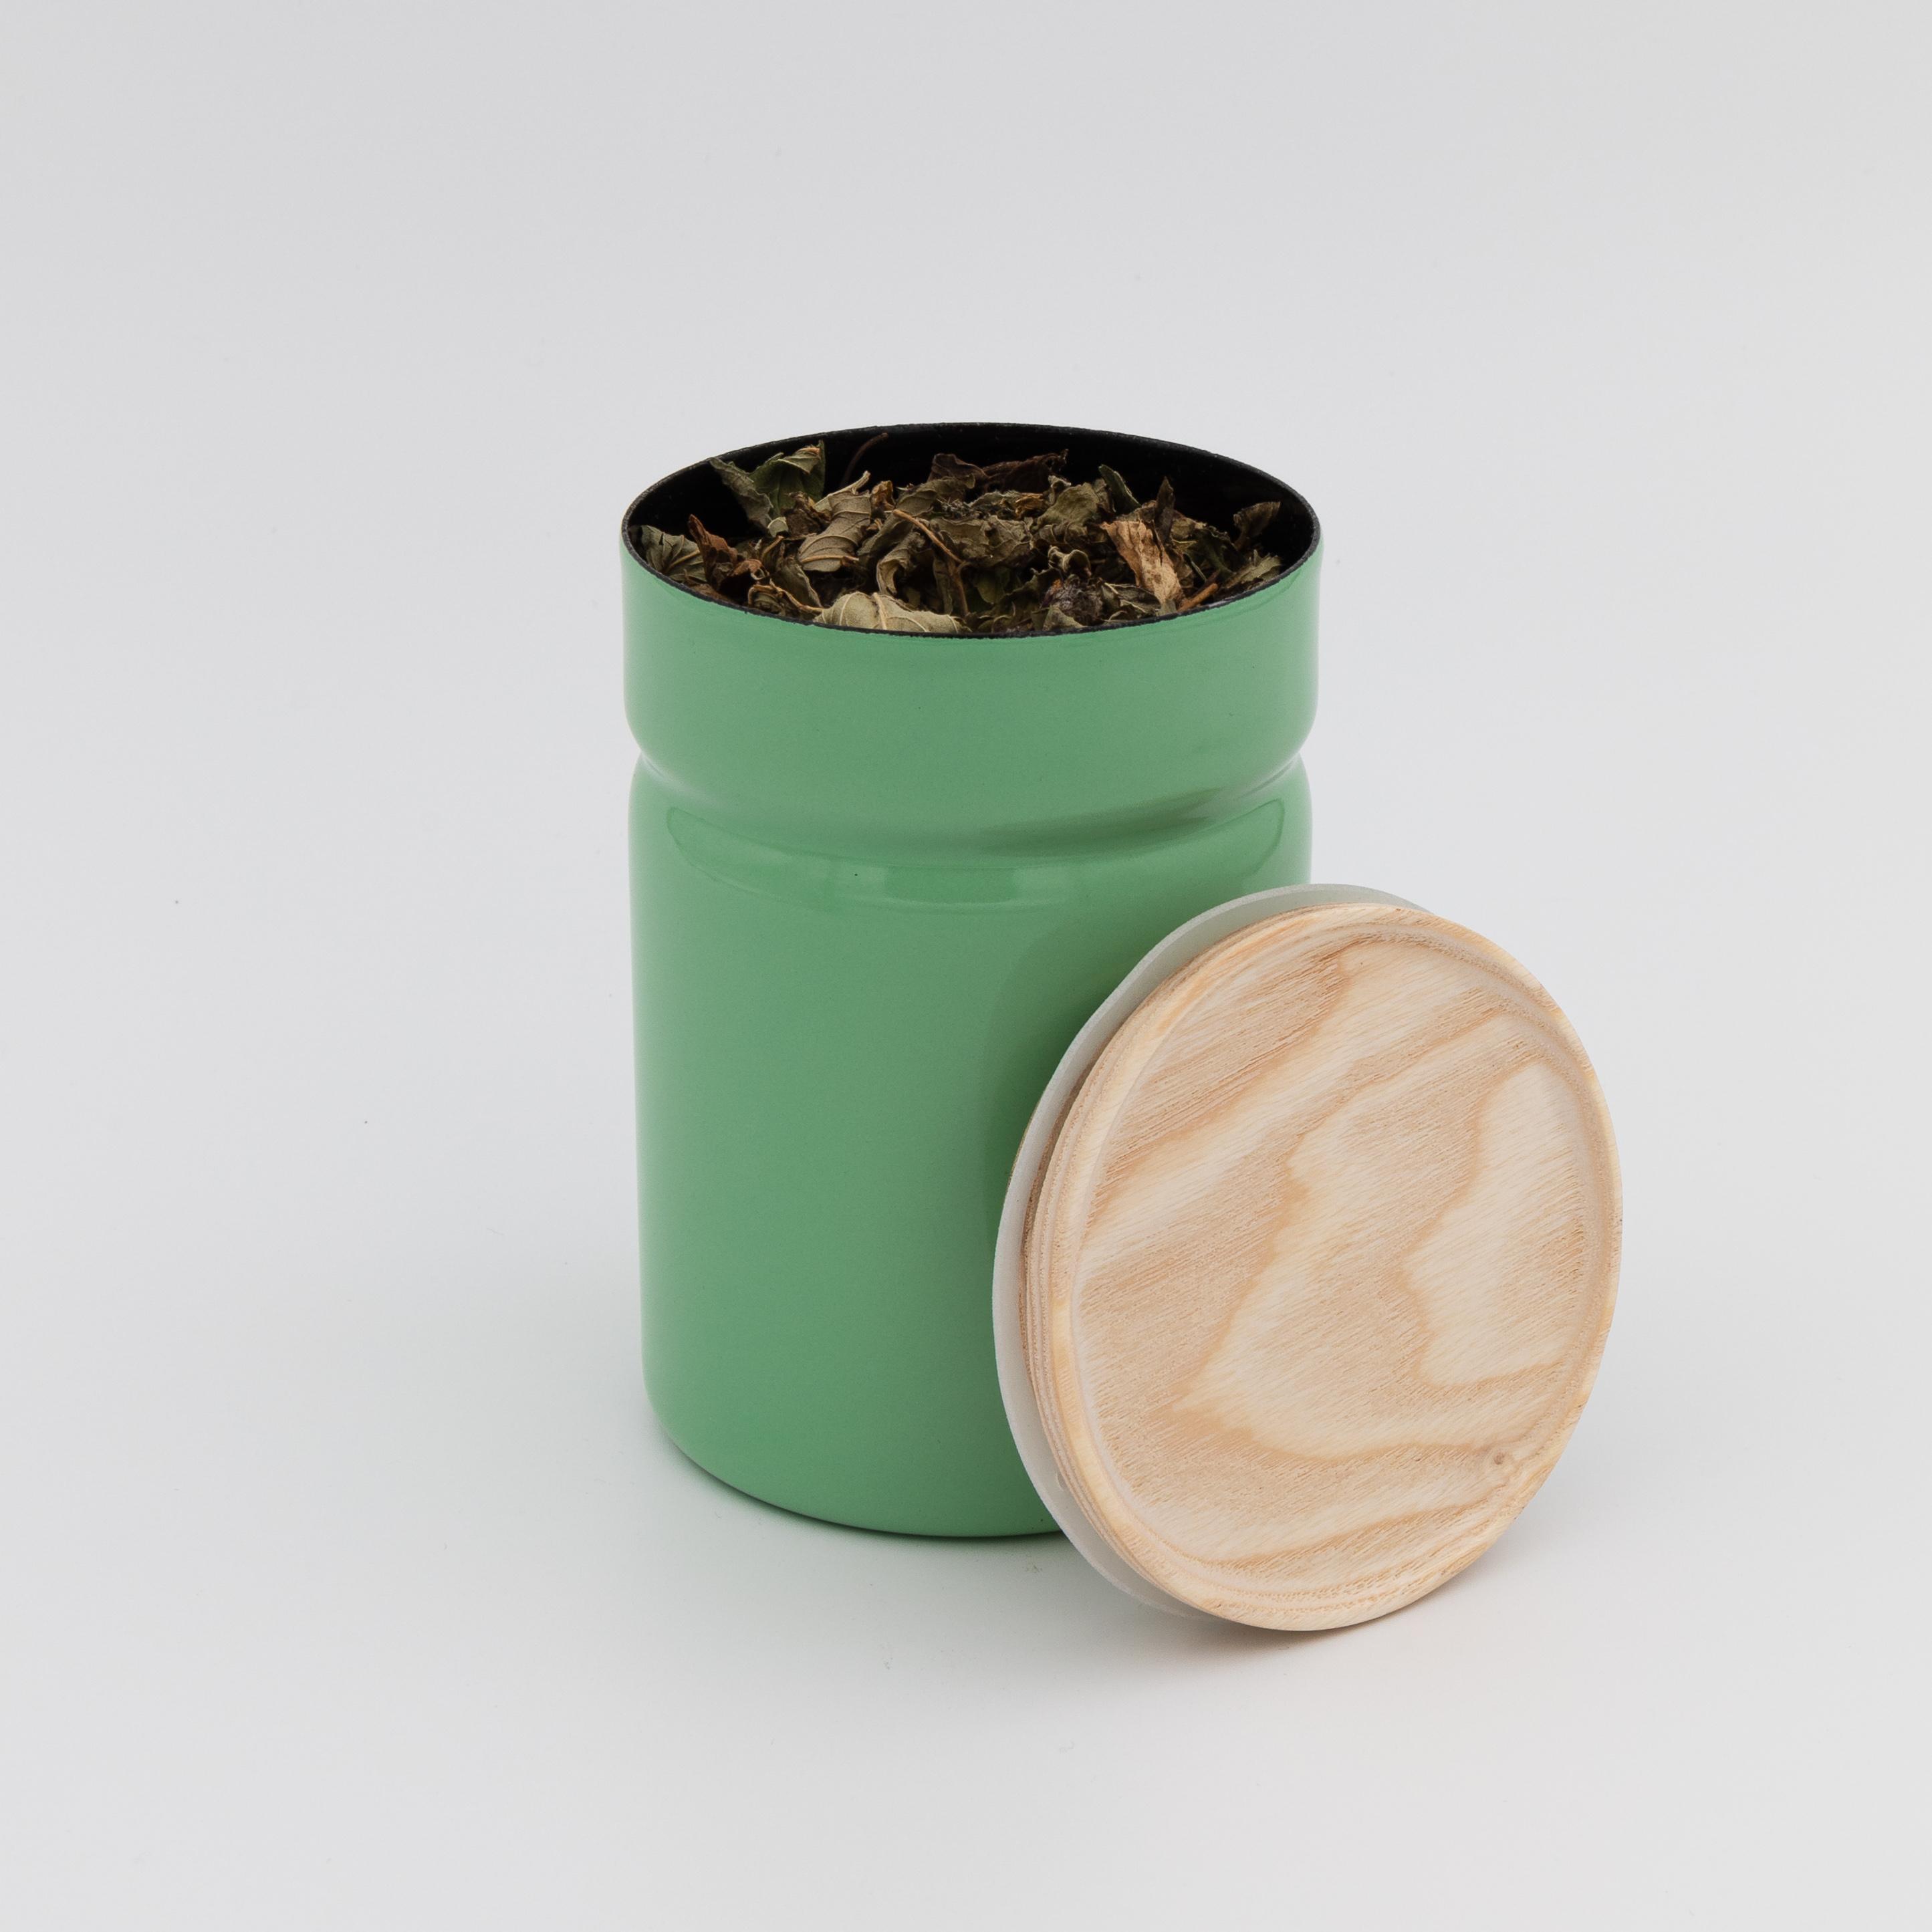 Hellgrüne Vorratsdose geöffnet mit Holzdeckel.